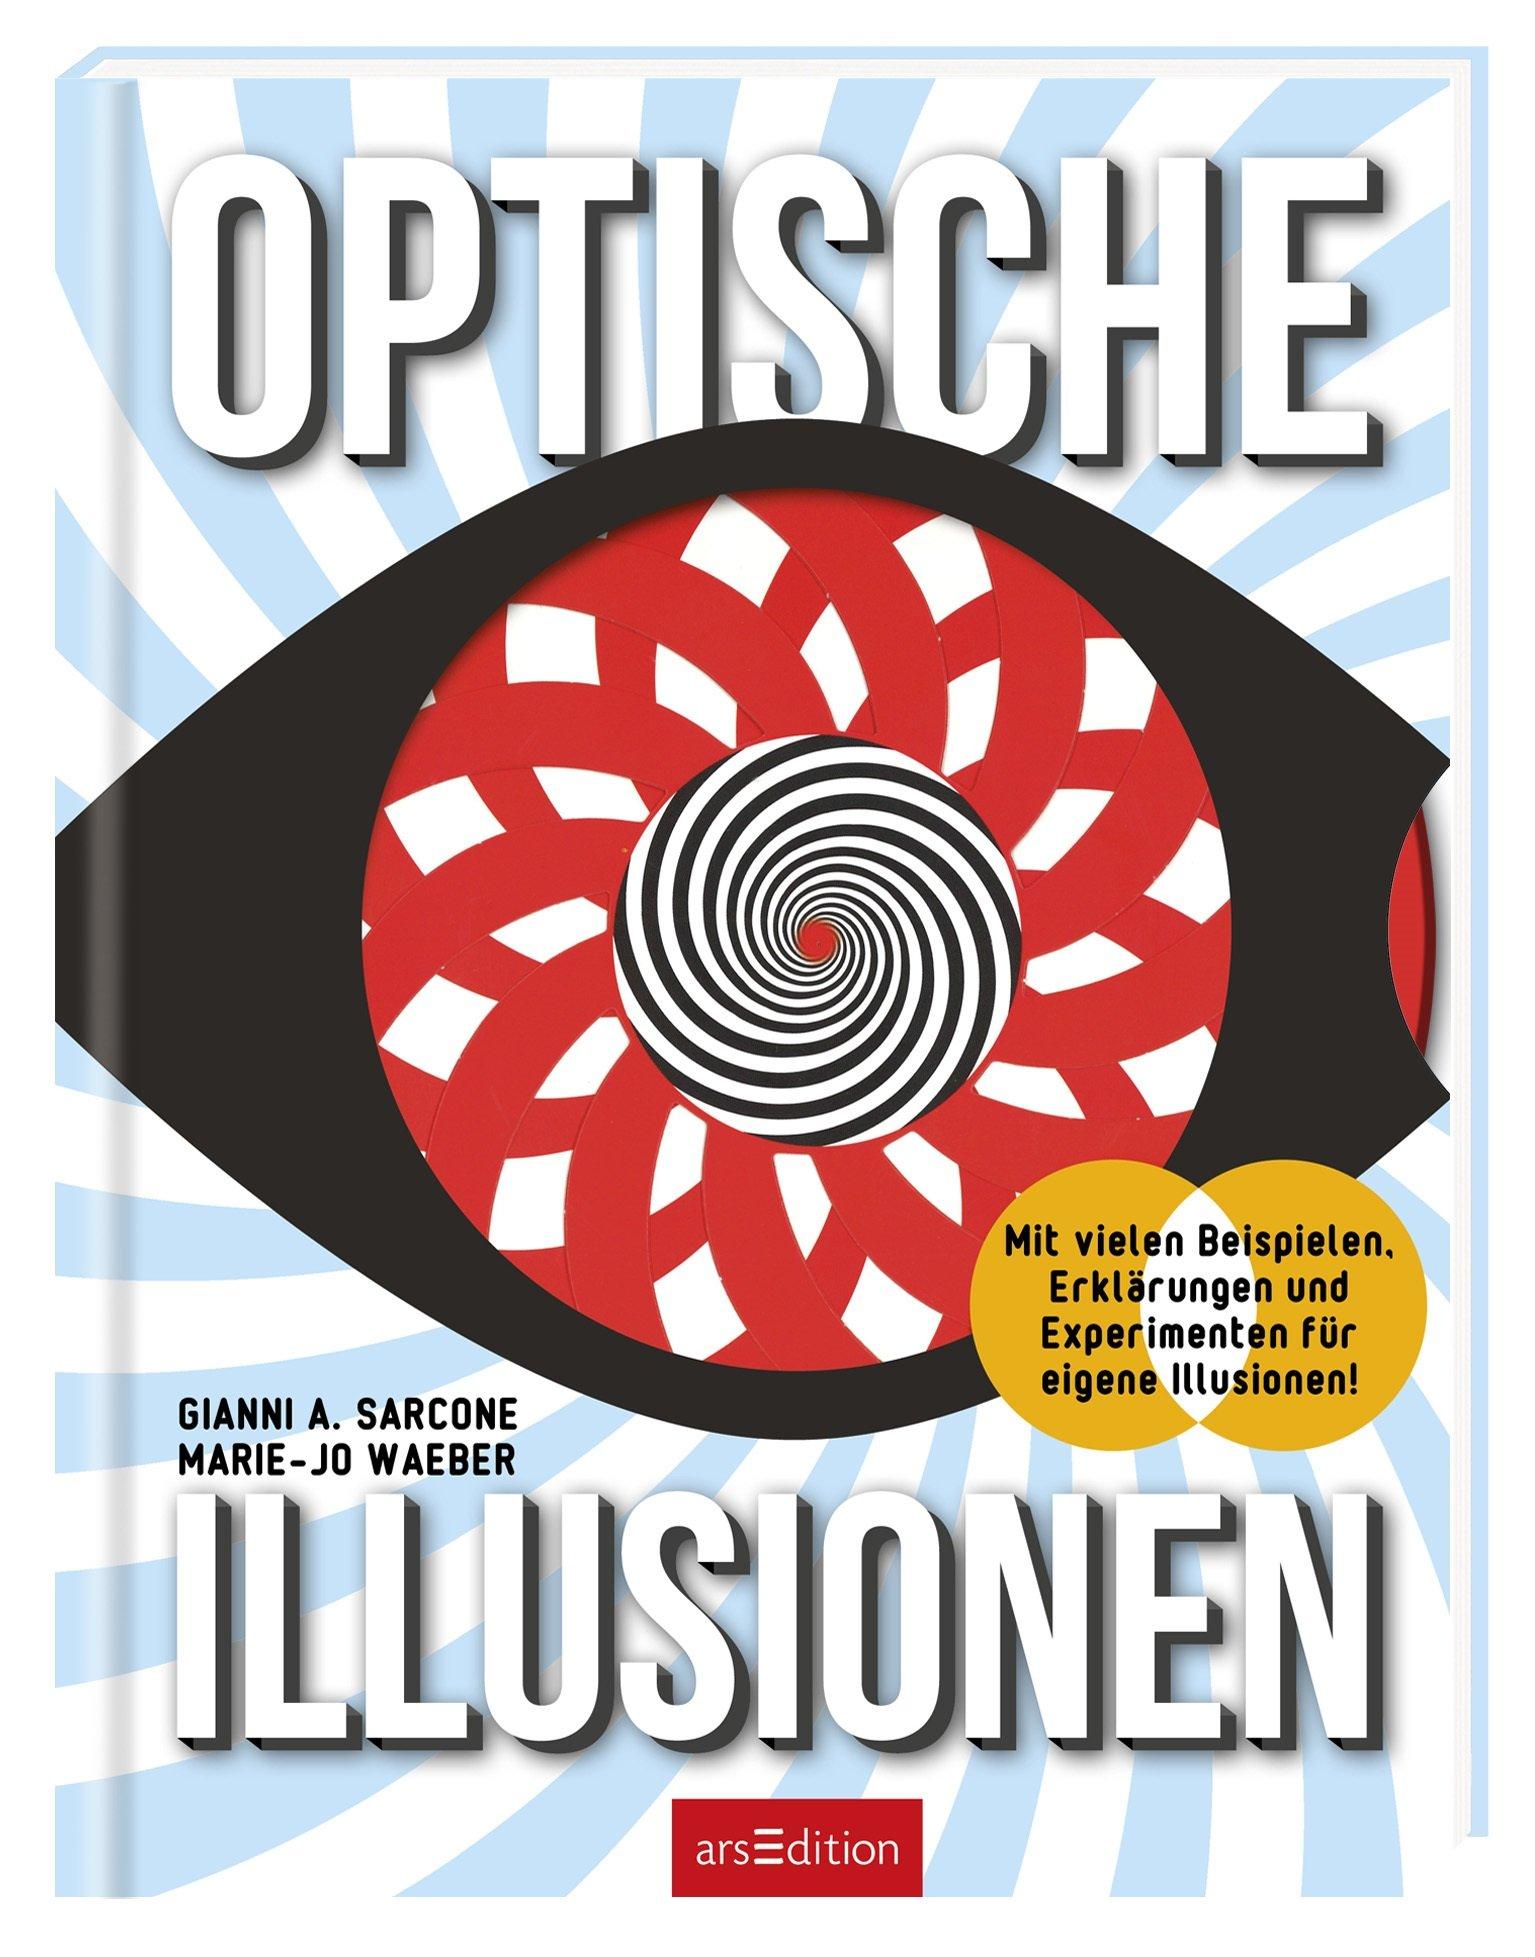 Optische Illusionen: Mit vielen Beispielen, Erklärungen und Experimenten für eigene Illusionen! Gebundenes Buch – 16. Juli 2018 Marianne Harms-Nicolai arsEdition 3845826592 empfohlenes Alter: ab 8 Jahre